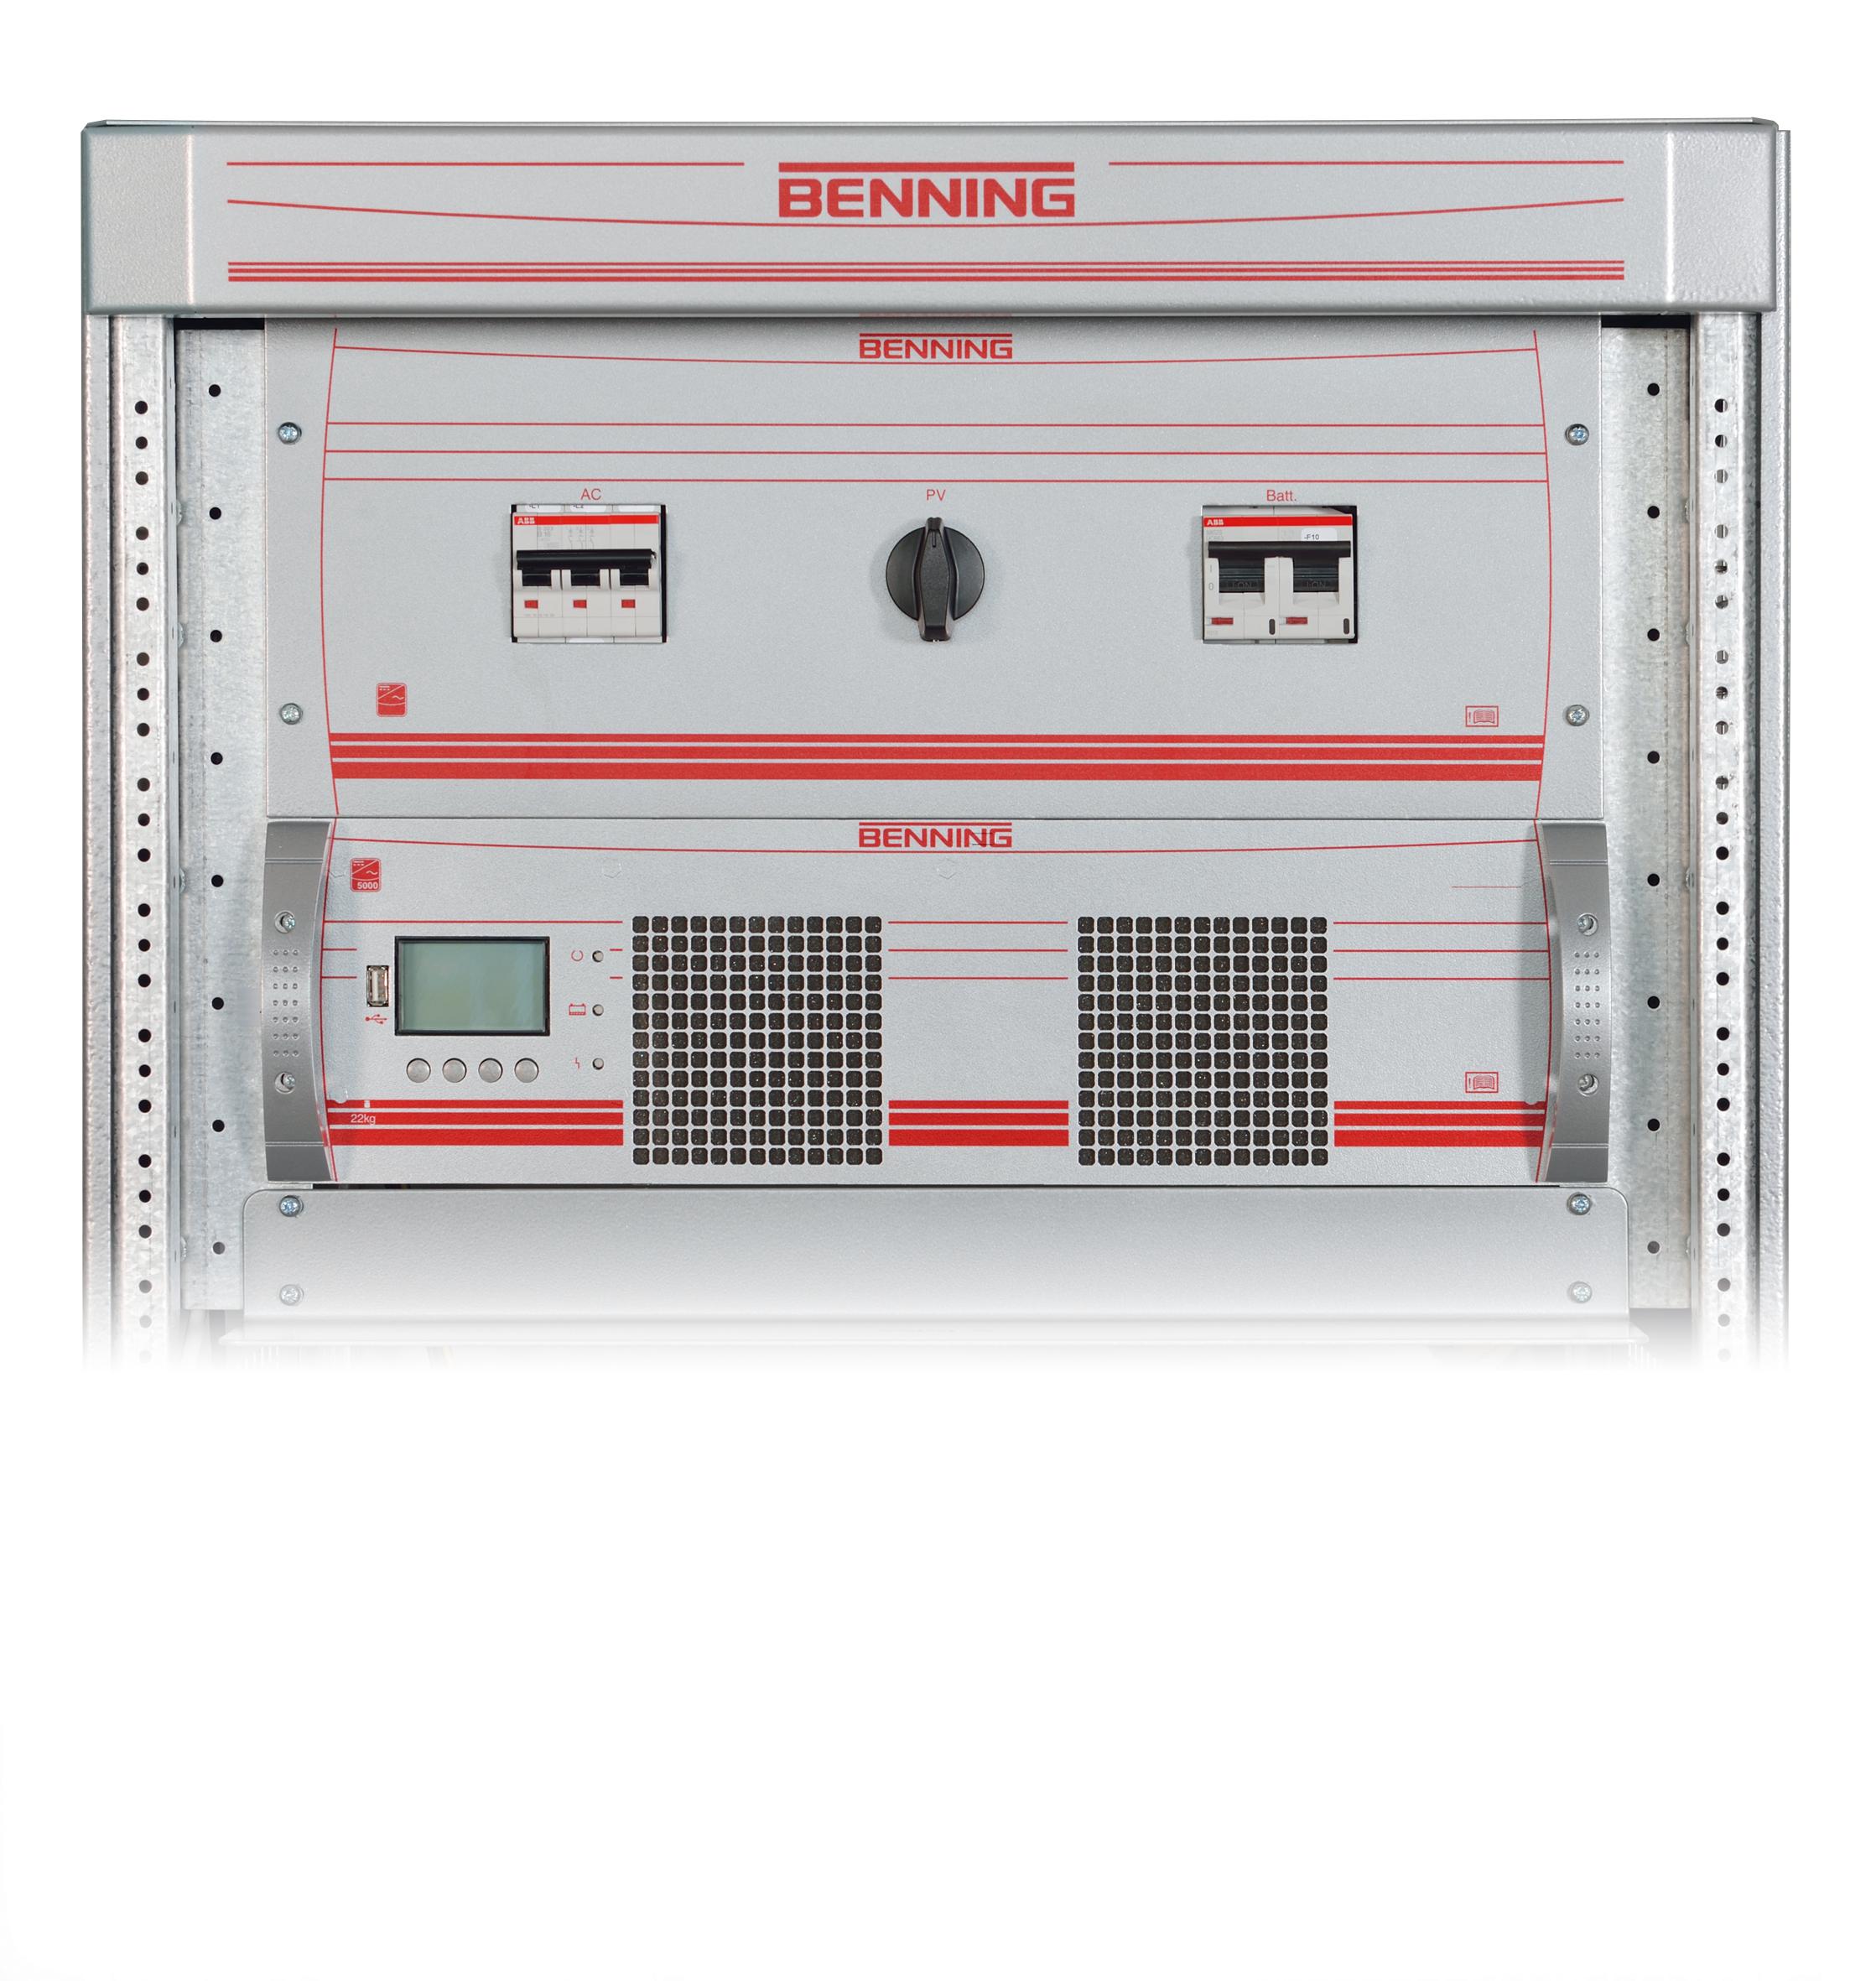 1 Stk Wechselrichter EPM 6.3-PV 6 kW PVES0014--